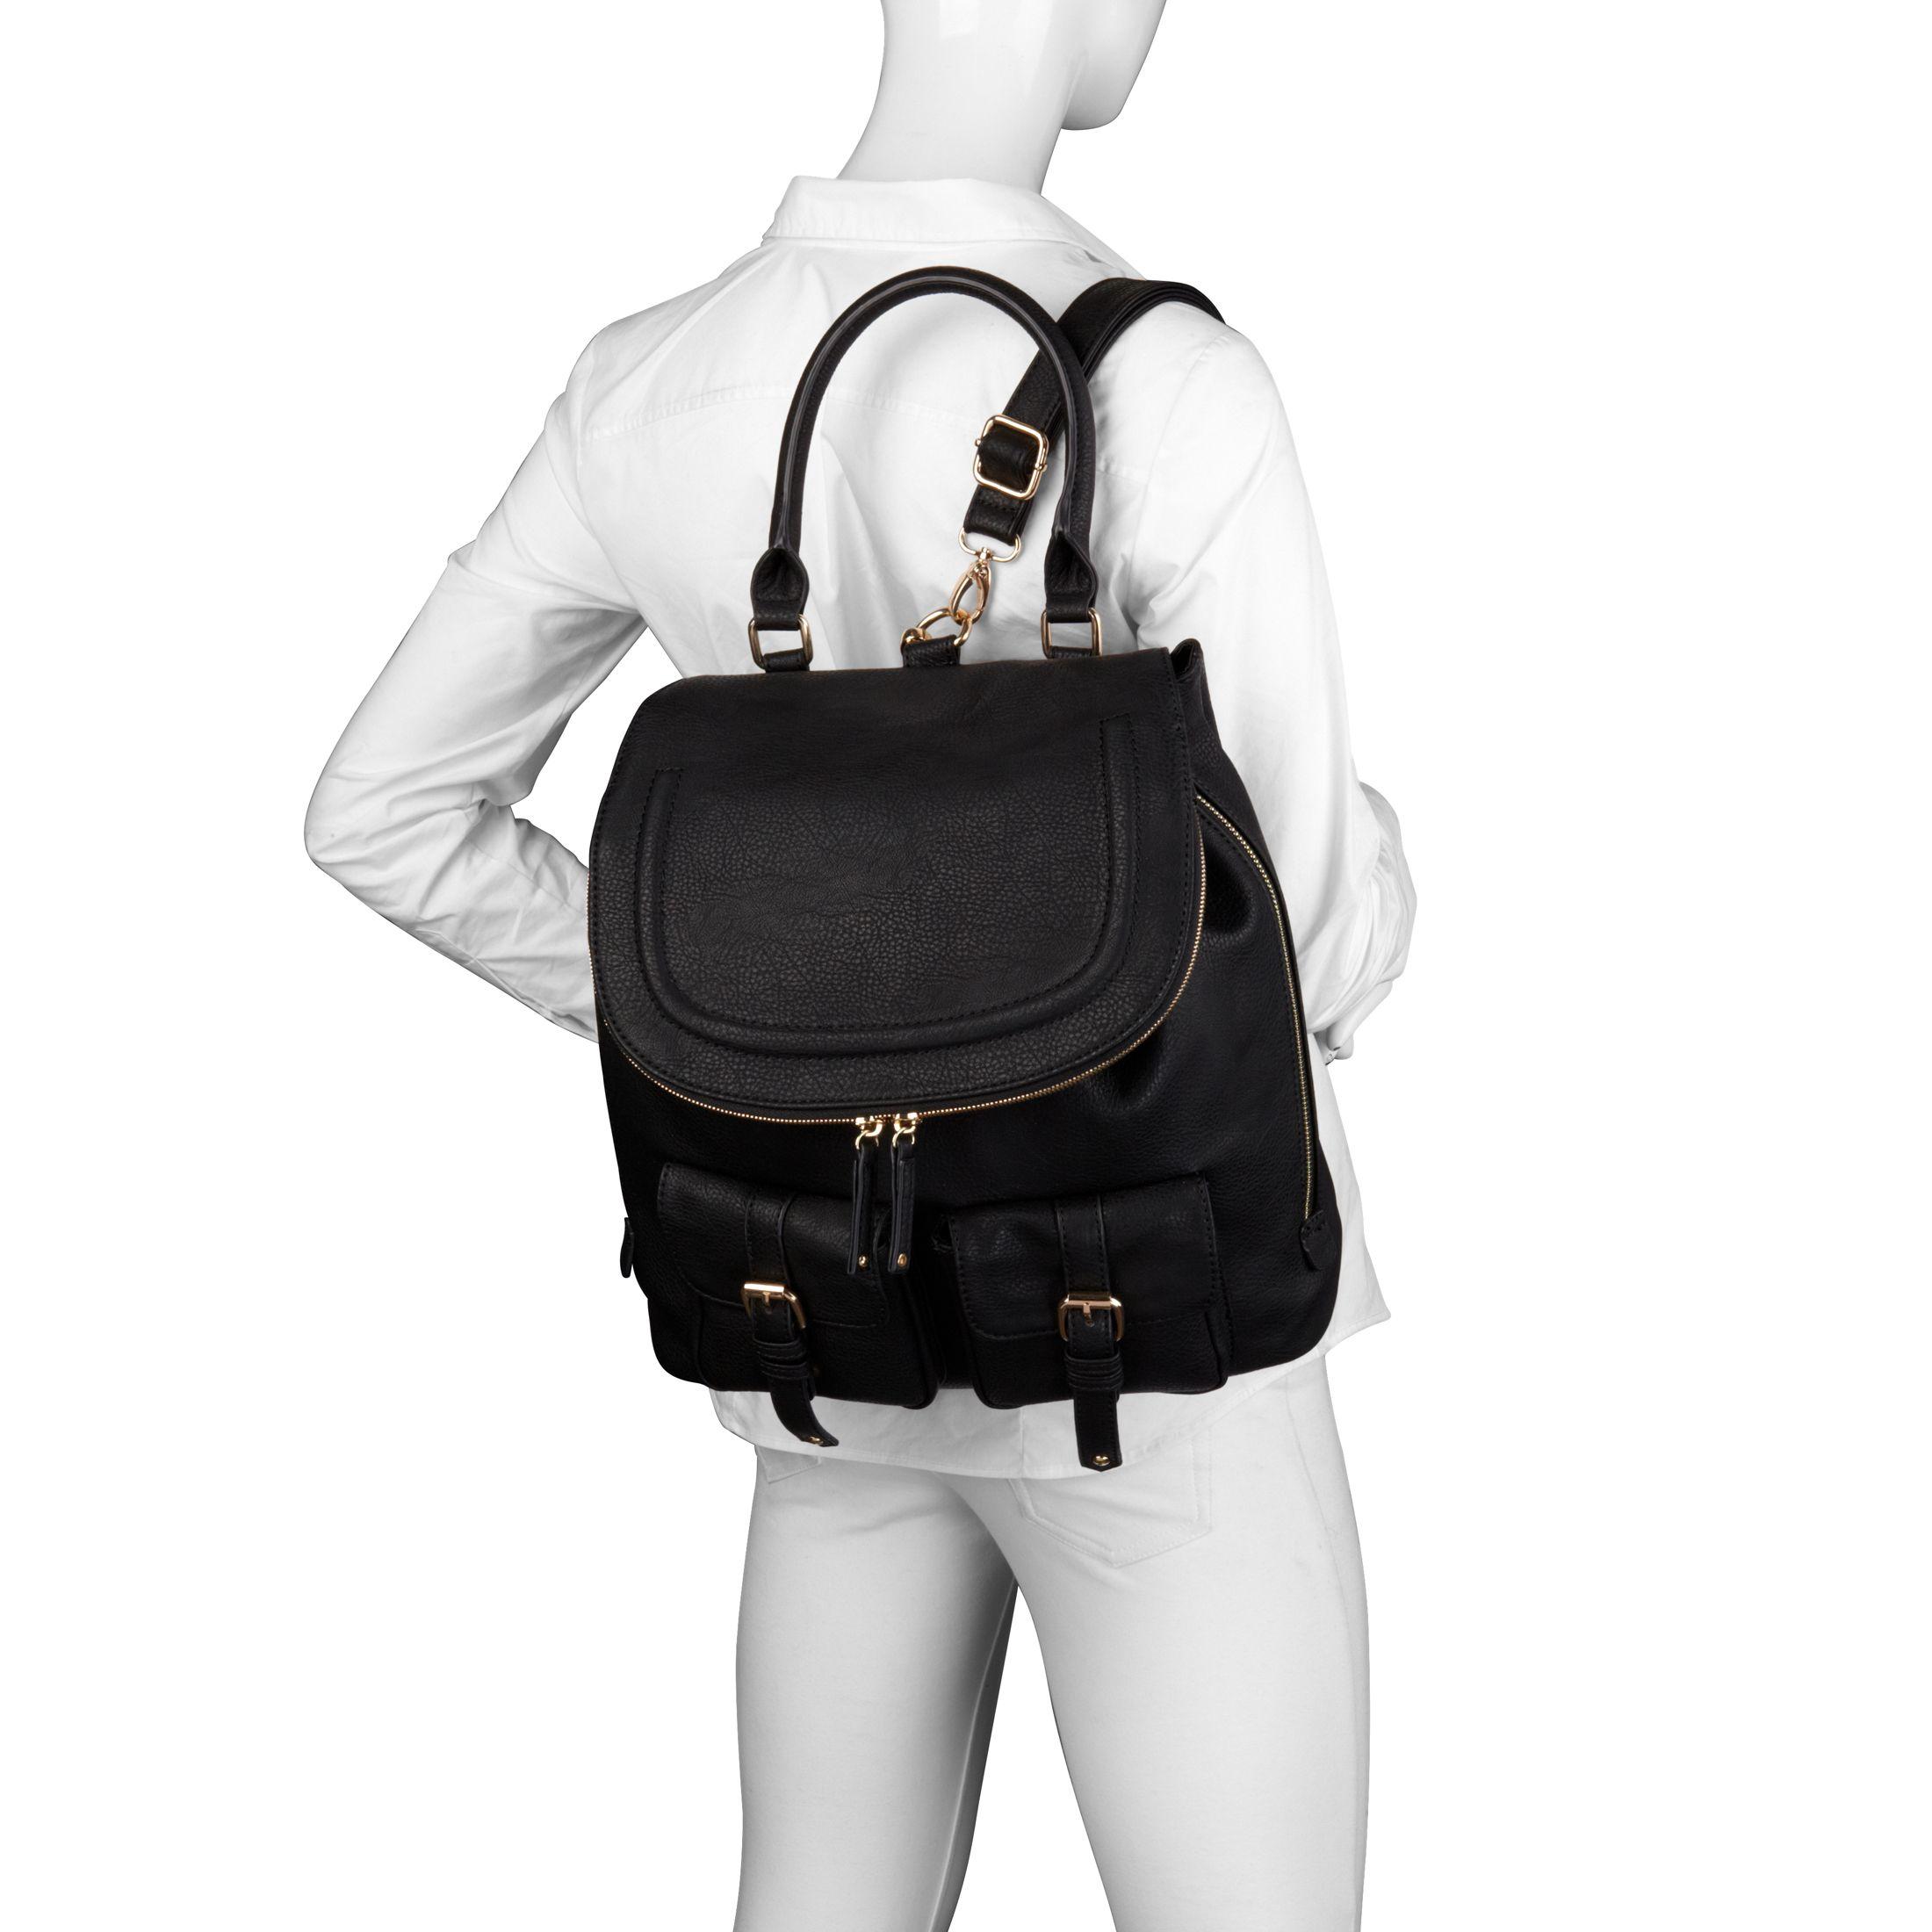 ALDO Botton Backpack in Black